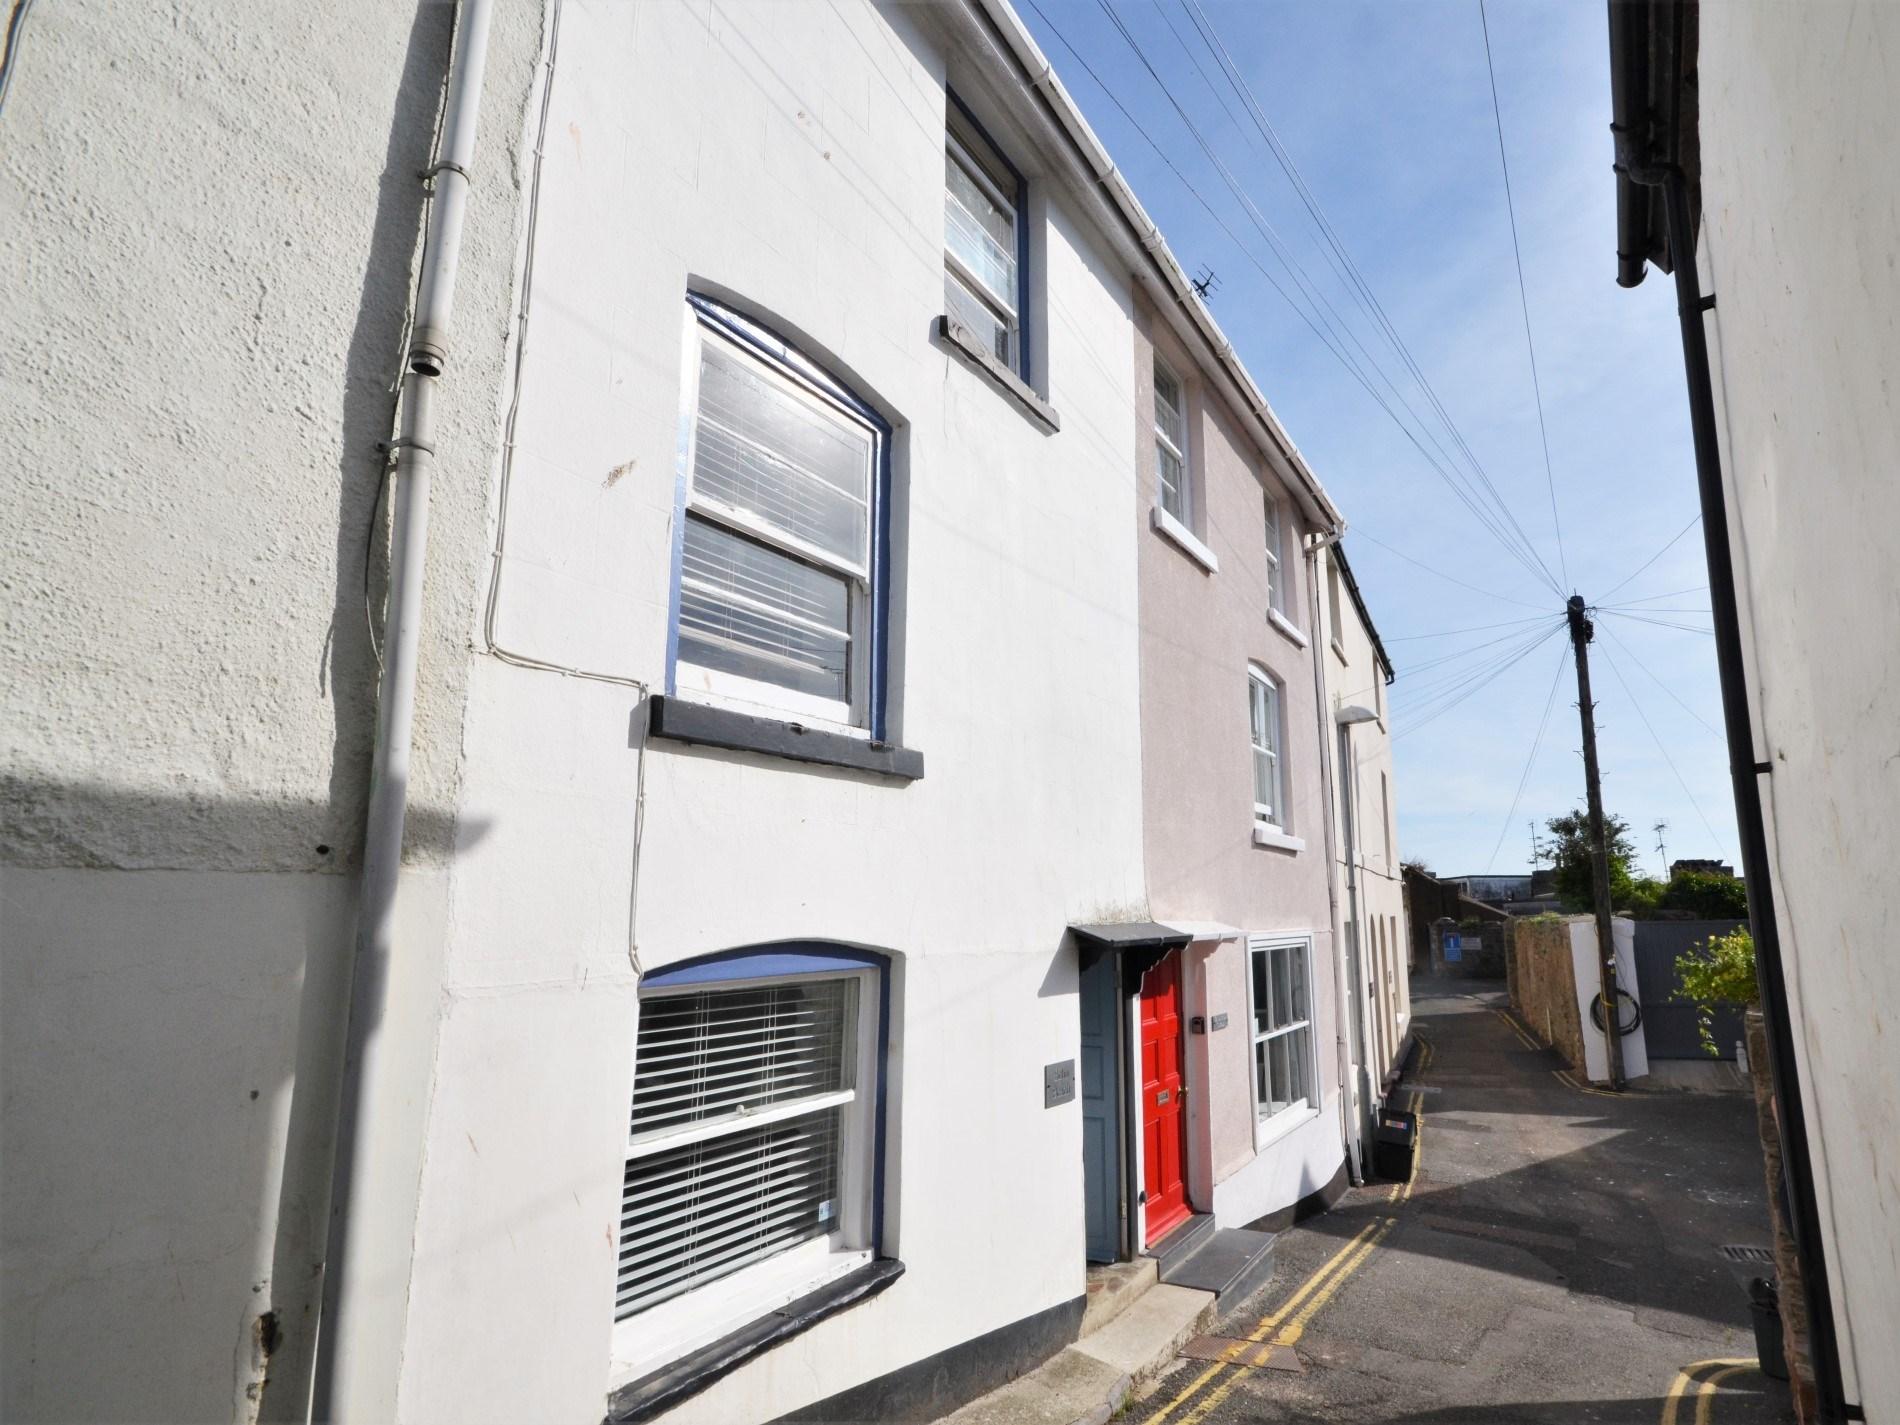 2 Bedroom Cottage in South Devon, Devon